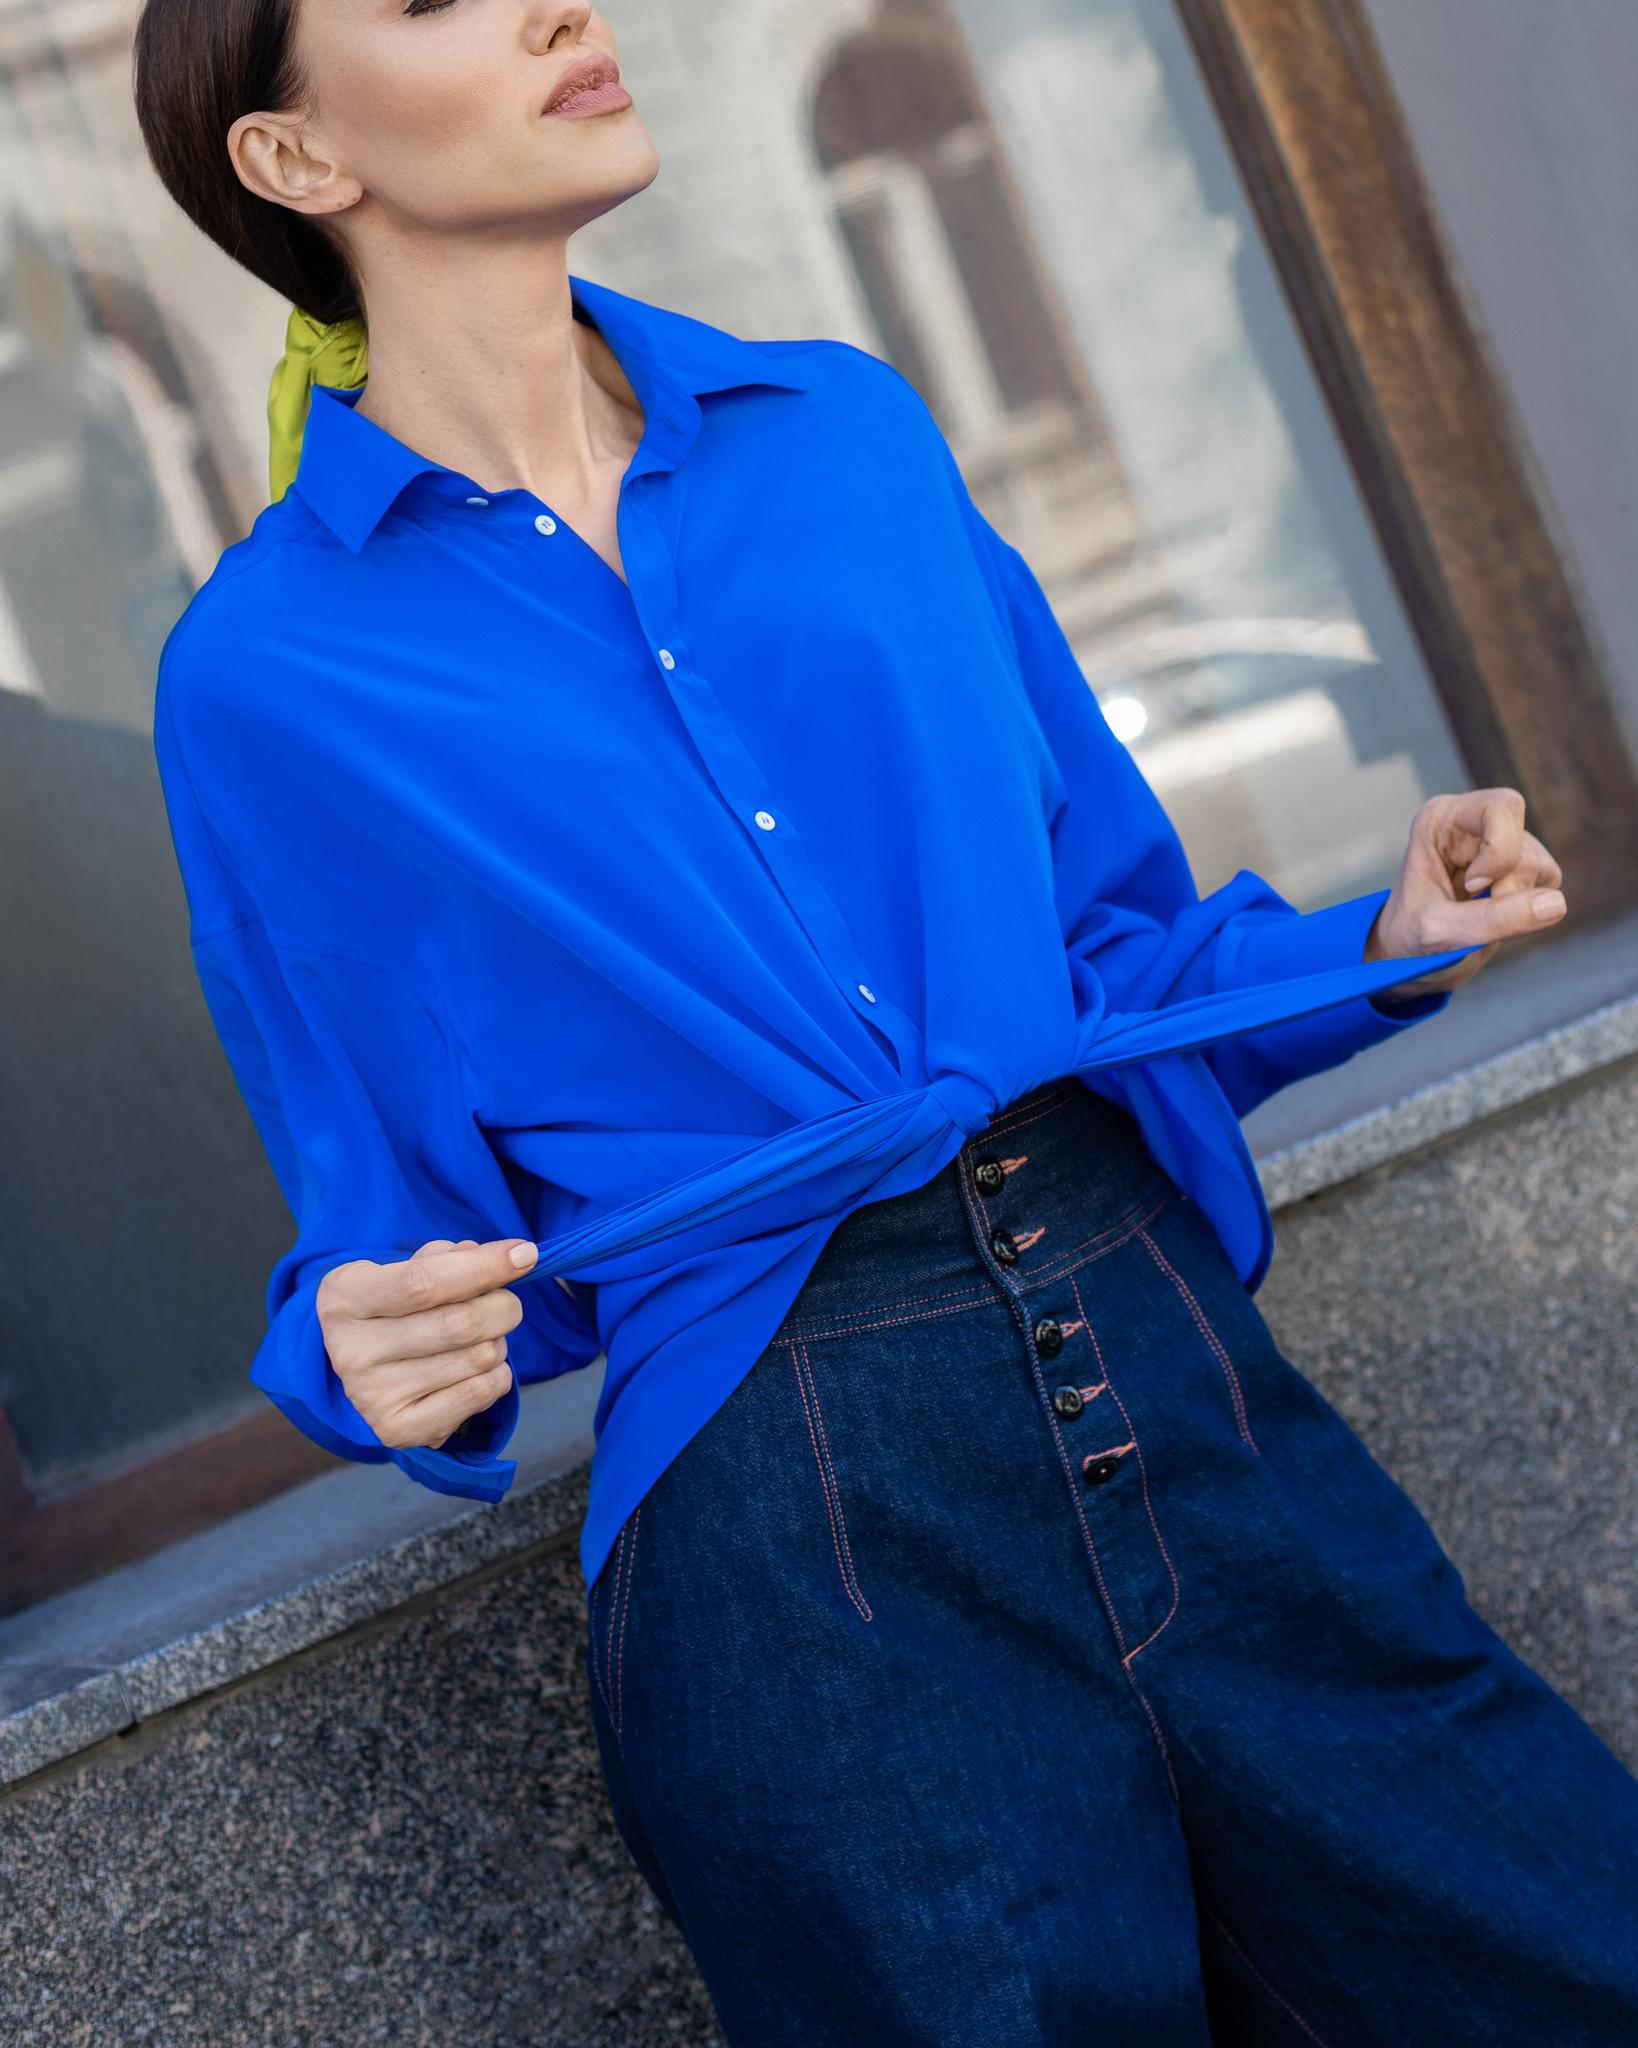 Шёлковая рубашка из капсульной коллекции VintageDream &  LA NEIGE Collection